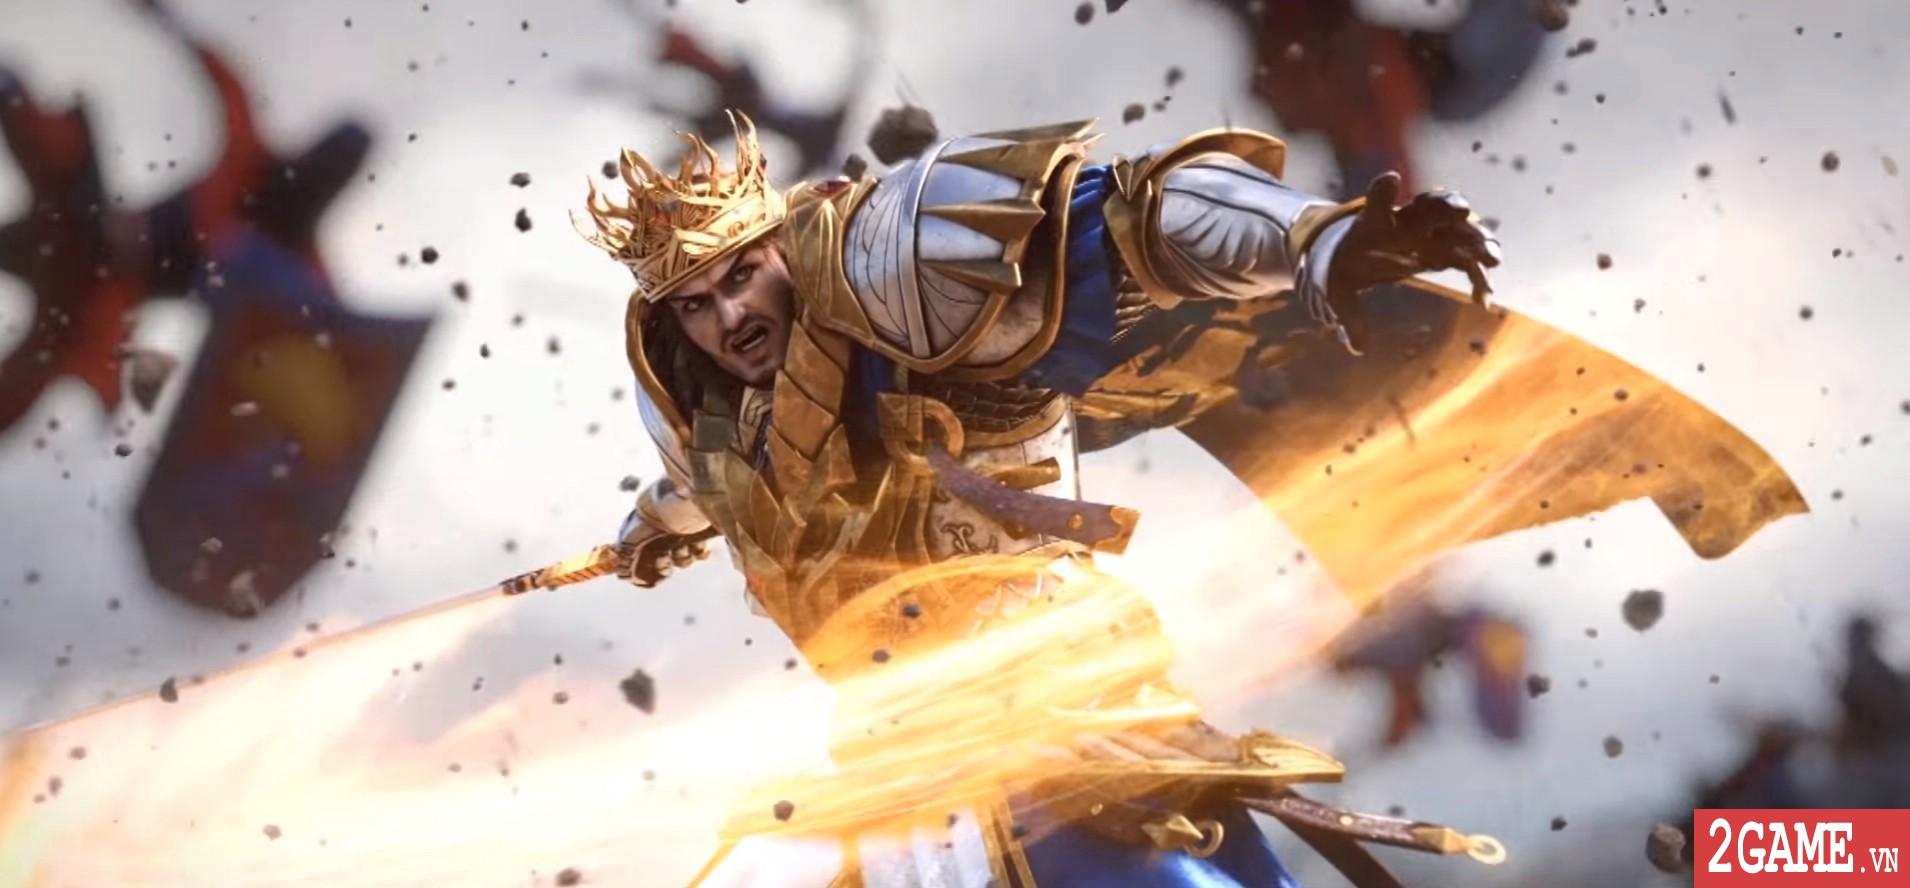 Immortal Thrones – Game nhập vai 3D chuẩn mực trên di động 0